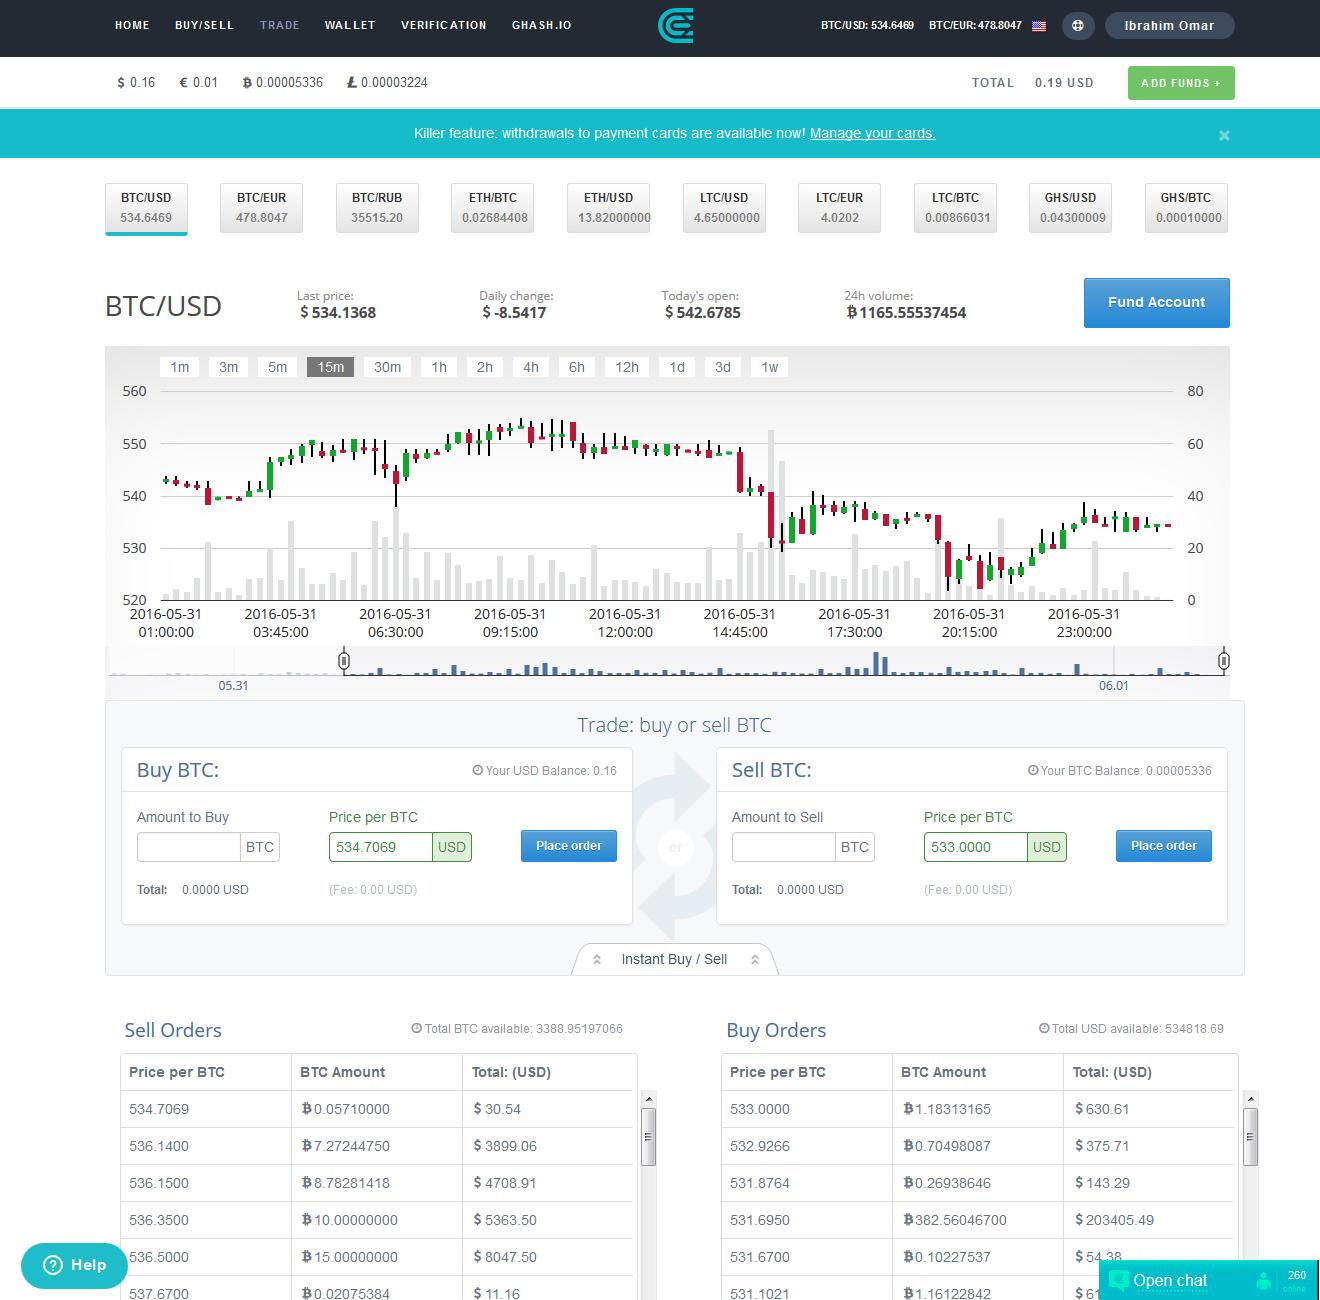 كيفية شراء وبيع البتكوين باستخدام الفيزا , شراء البتكوين, بيع البتكوين, موقع Cex.io, Buy and Sell Bitcoin